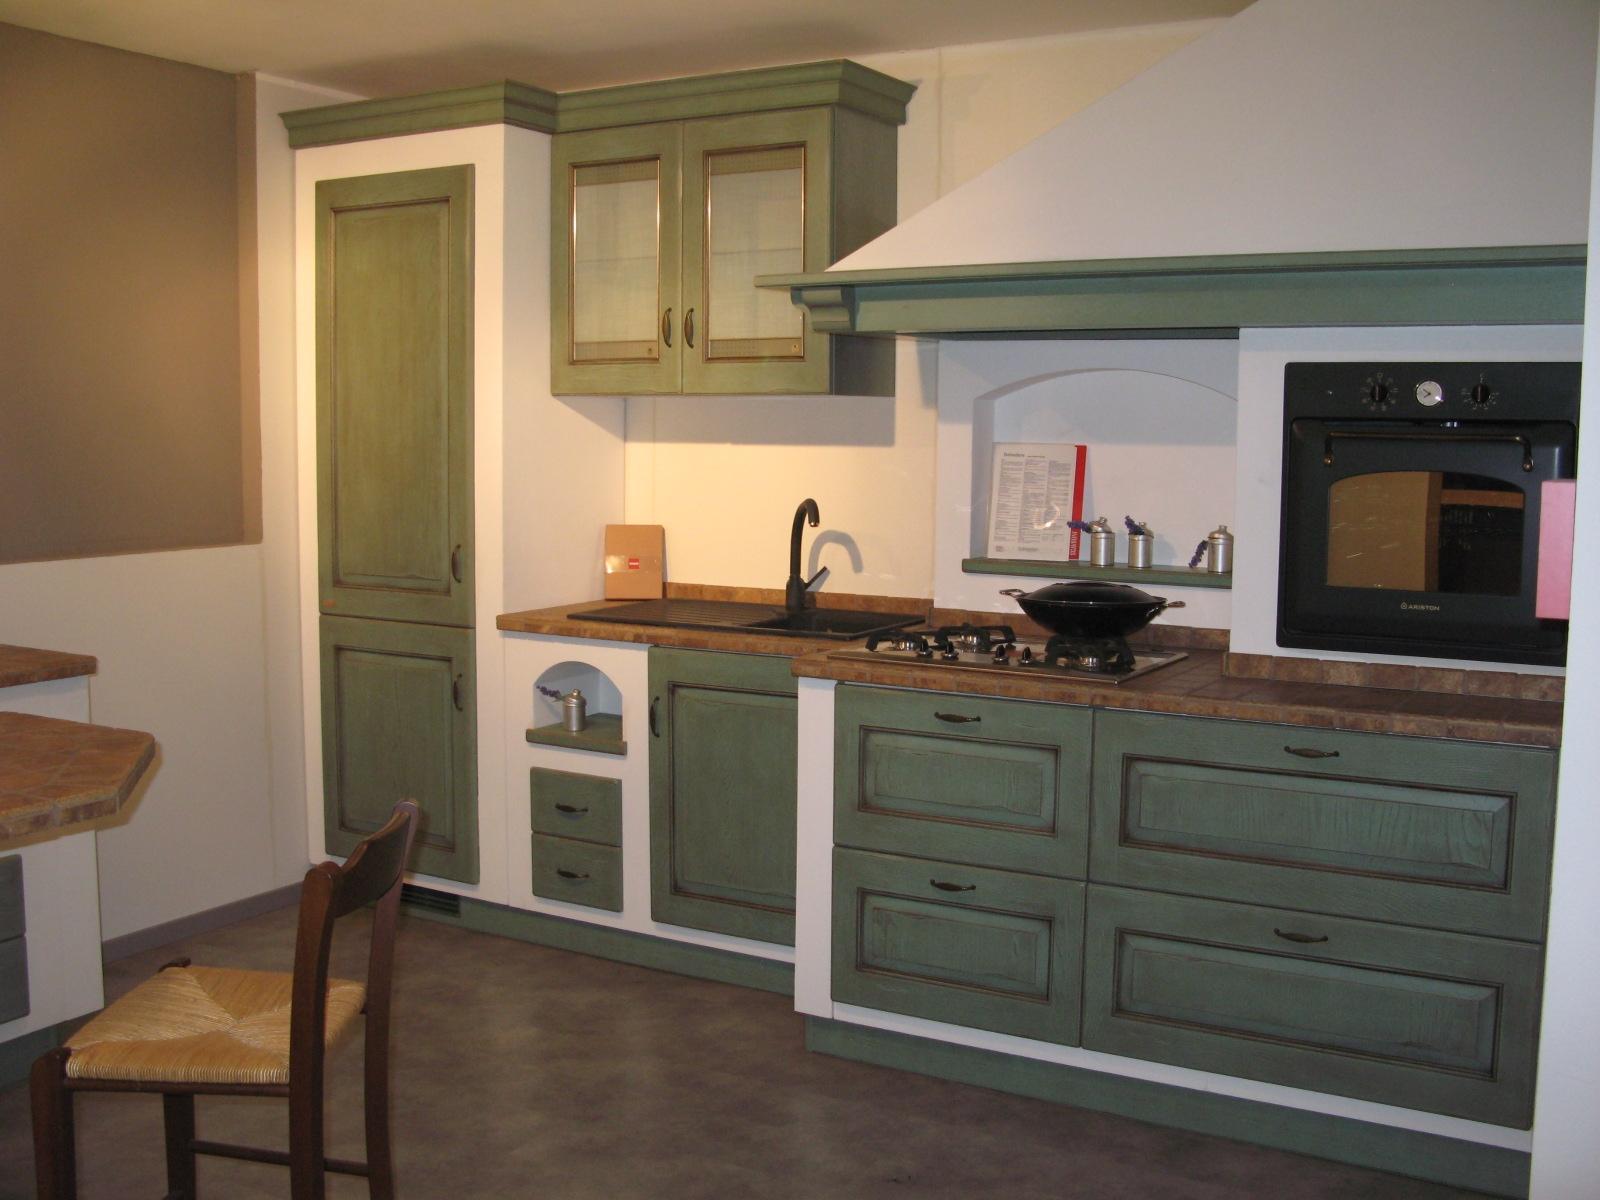 Cucine Moderne Scavolini Prezzo : Cucine moderne scavolini prezzo ...